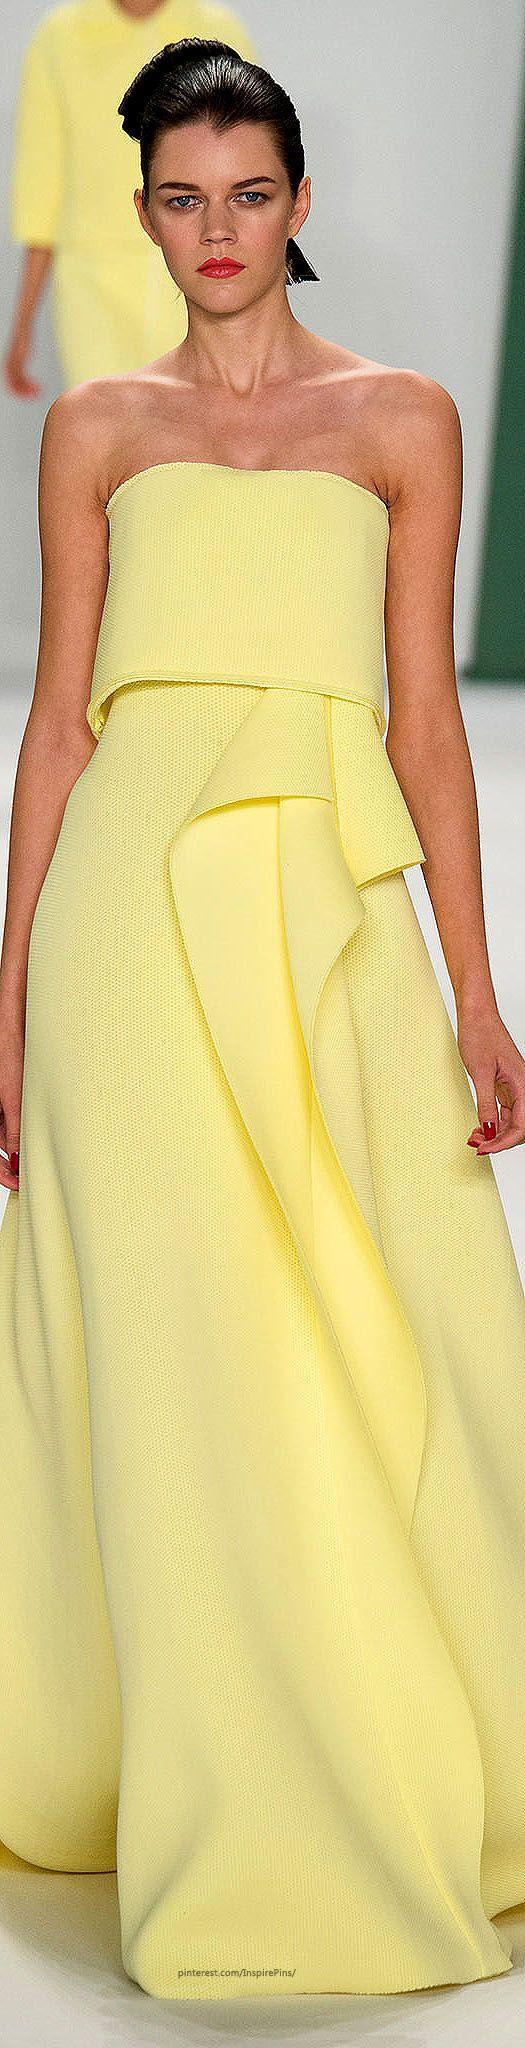 زفاف - Gowns..Yearning Yellows